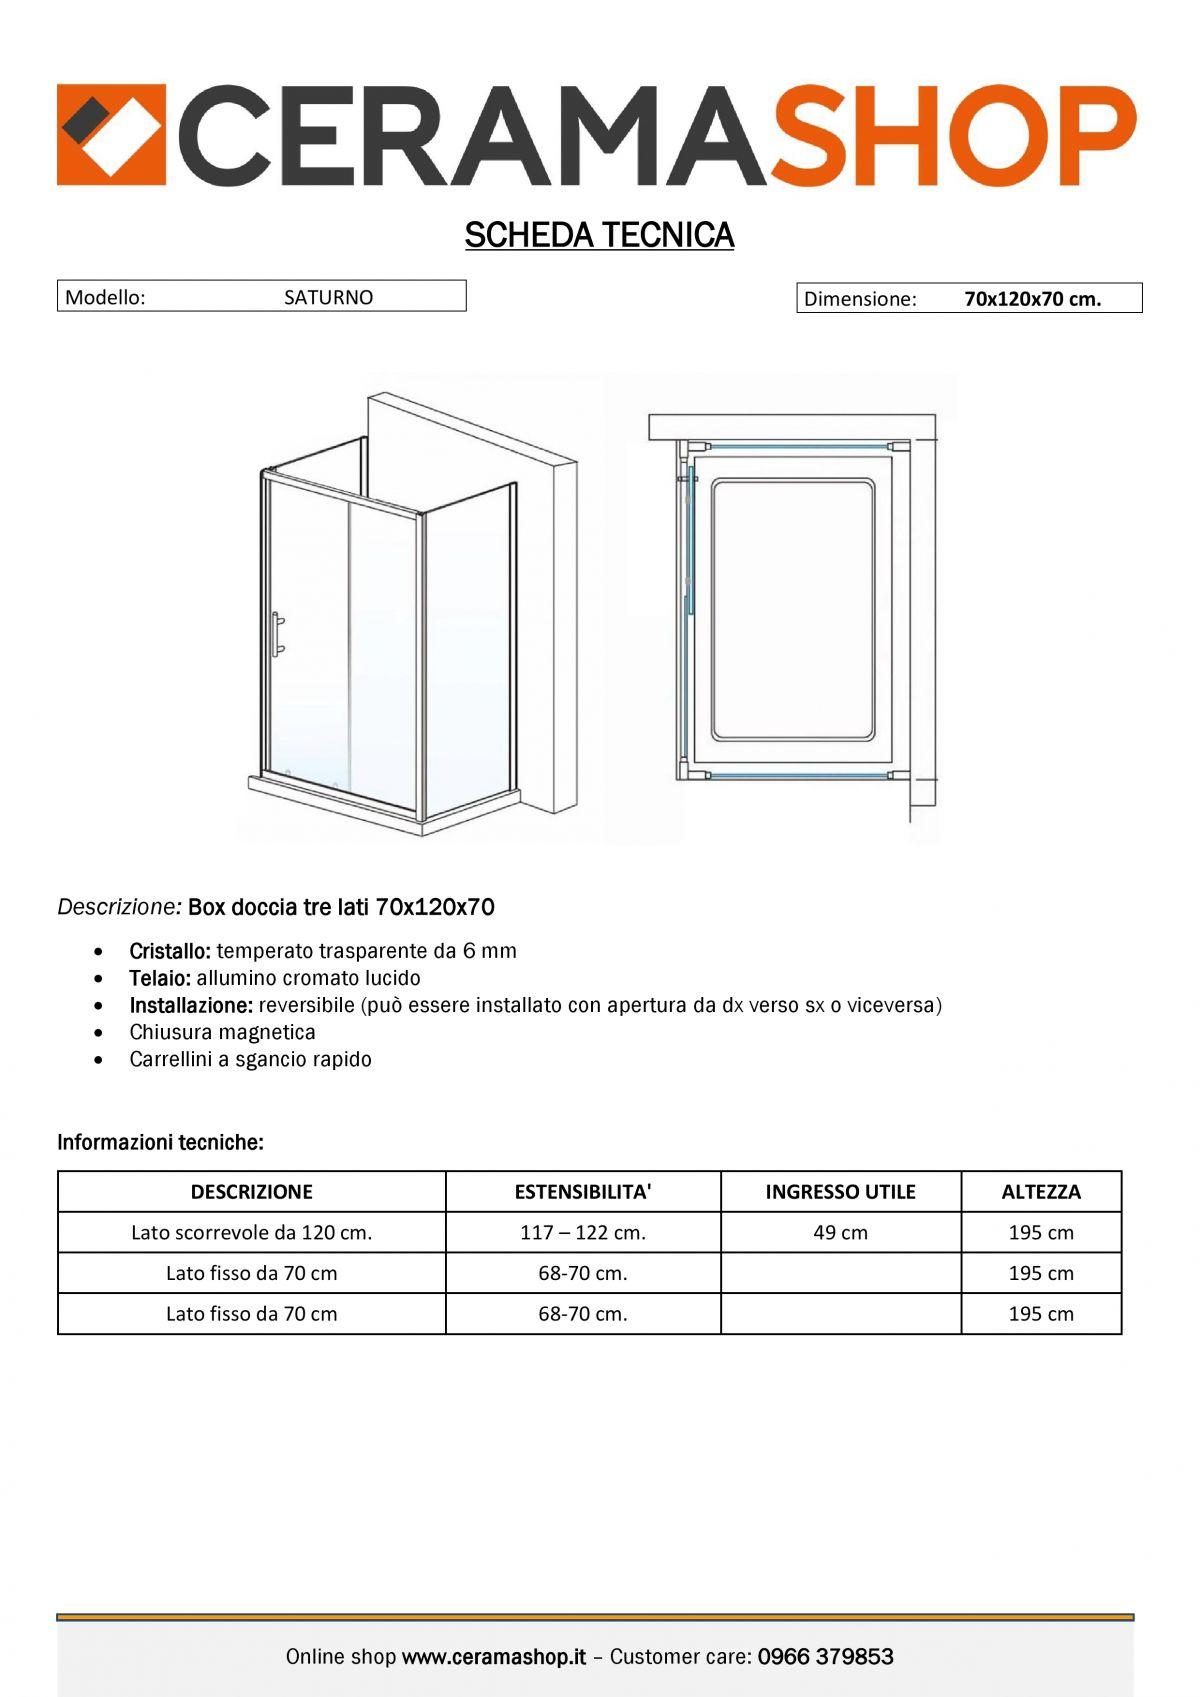 """70x120x70 0000012 scaled Box Cabina doccia tre lati """"Saturno"""" 70x120x70 cm scorrevole cristallo trasparente 6 mm"""